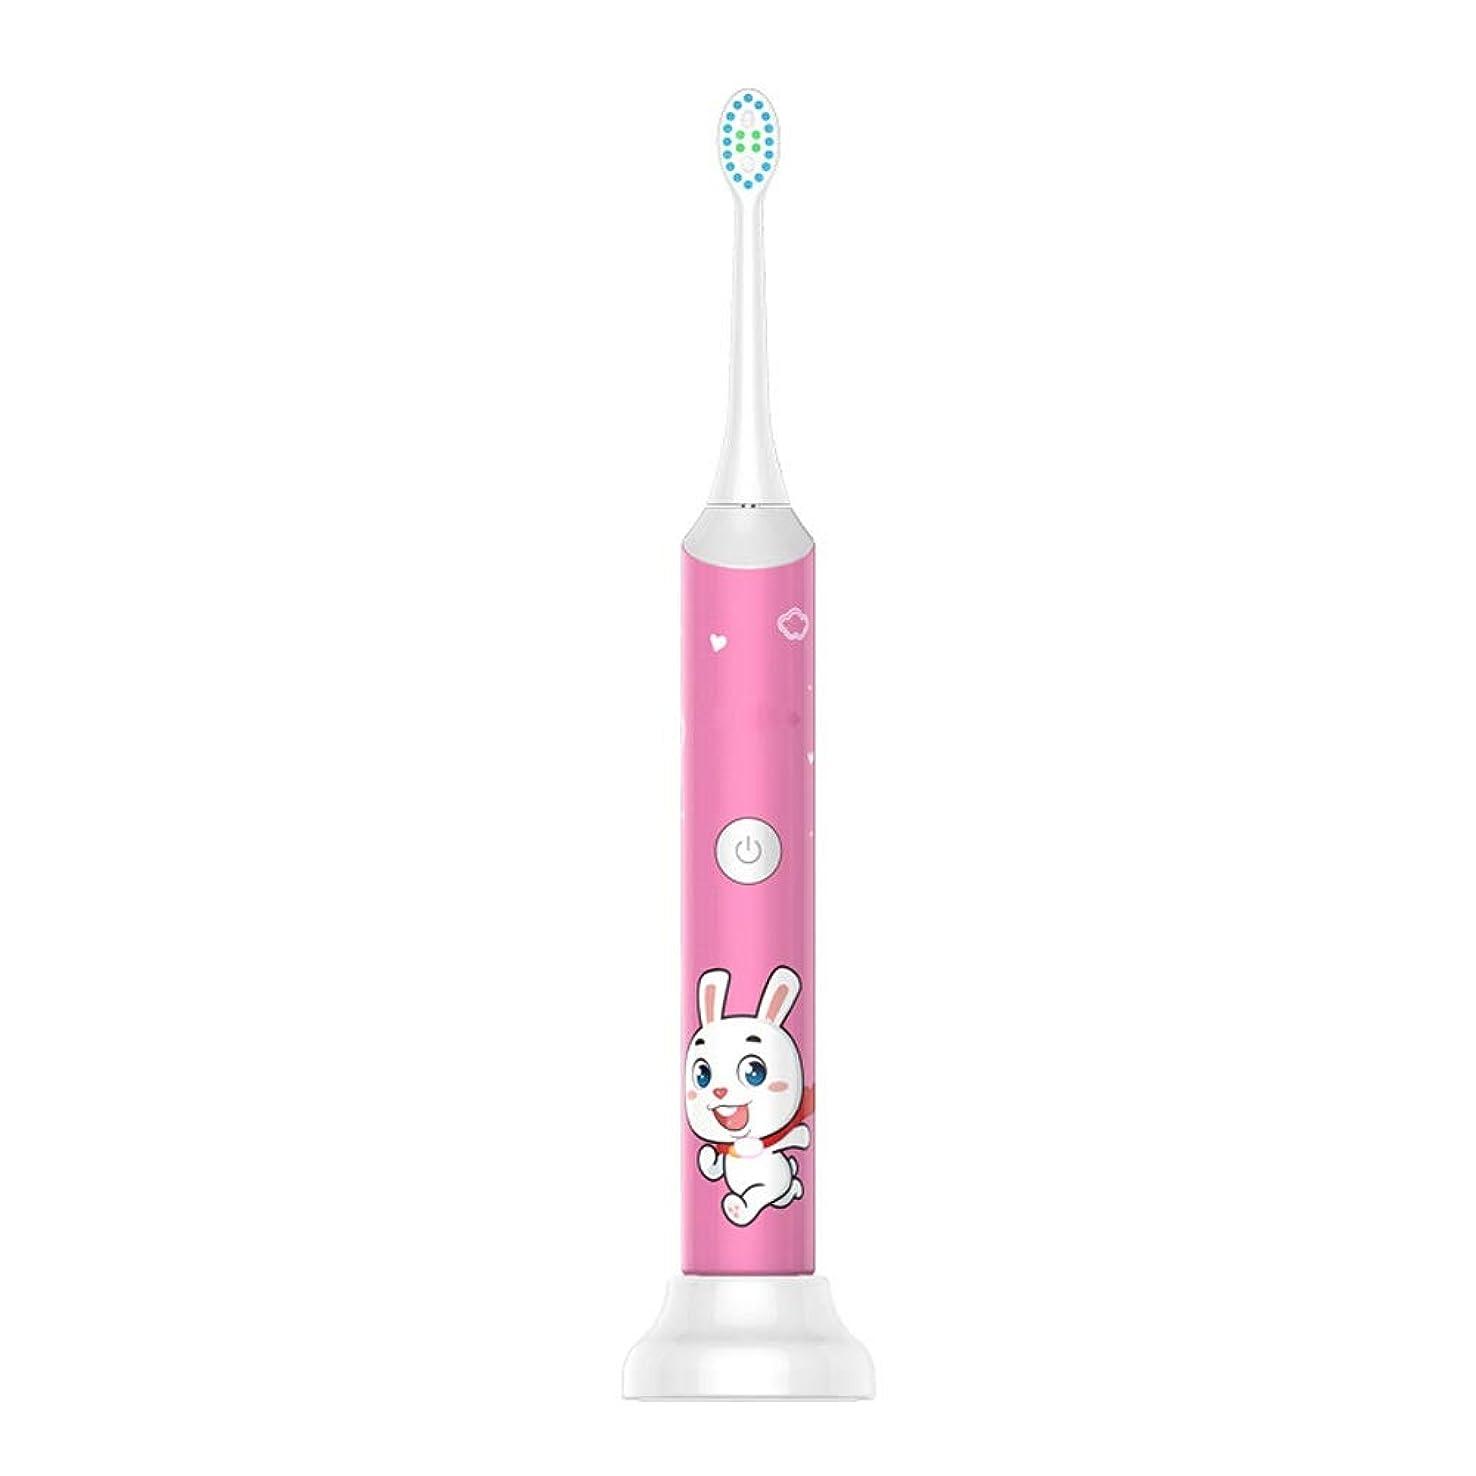 同級生家庭暴君子供の電動歯ブラシ防水USB充電ベースホルダー柔らかい毛の歯ブラシ歯科医推奨 完全な口腔ケアのために (色 : ピンク, サイズ : Free size)